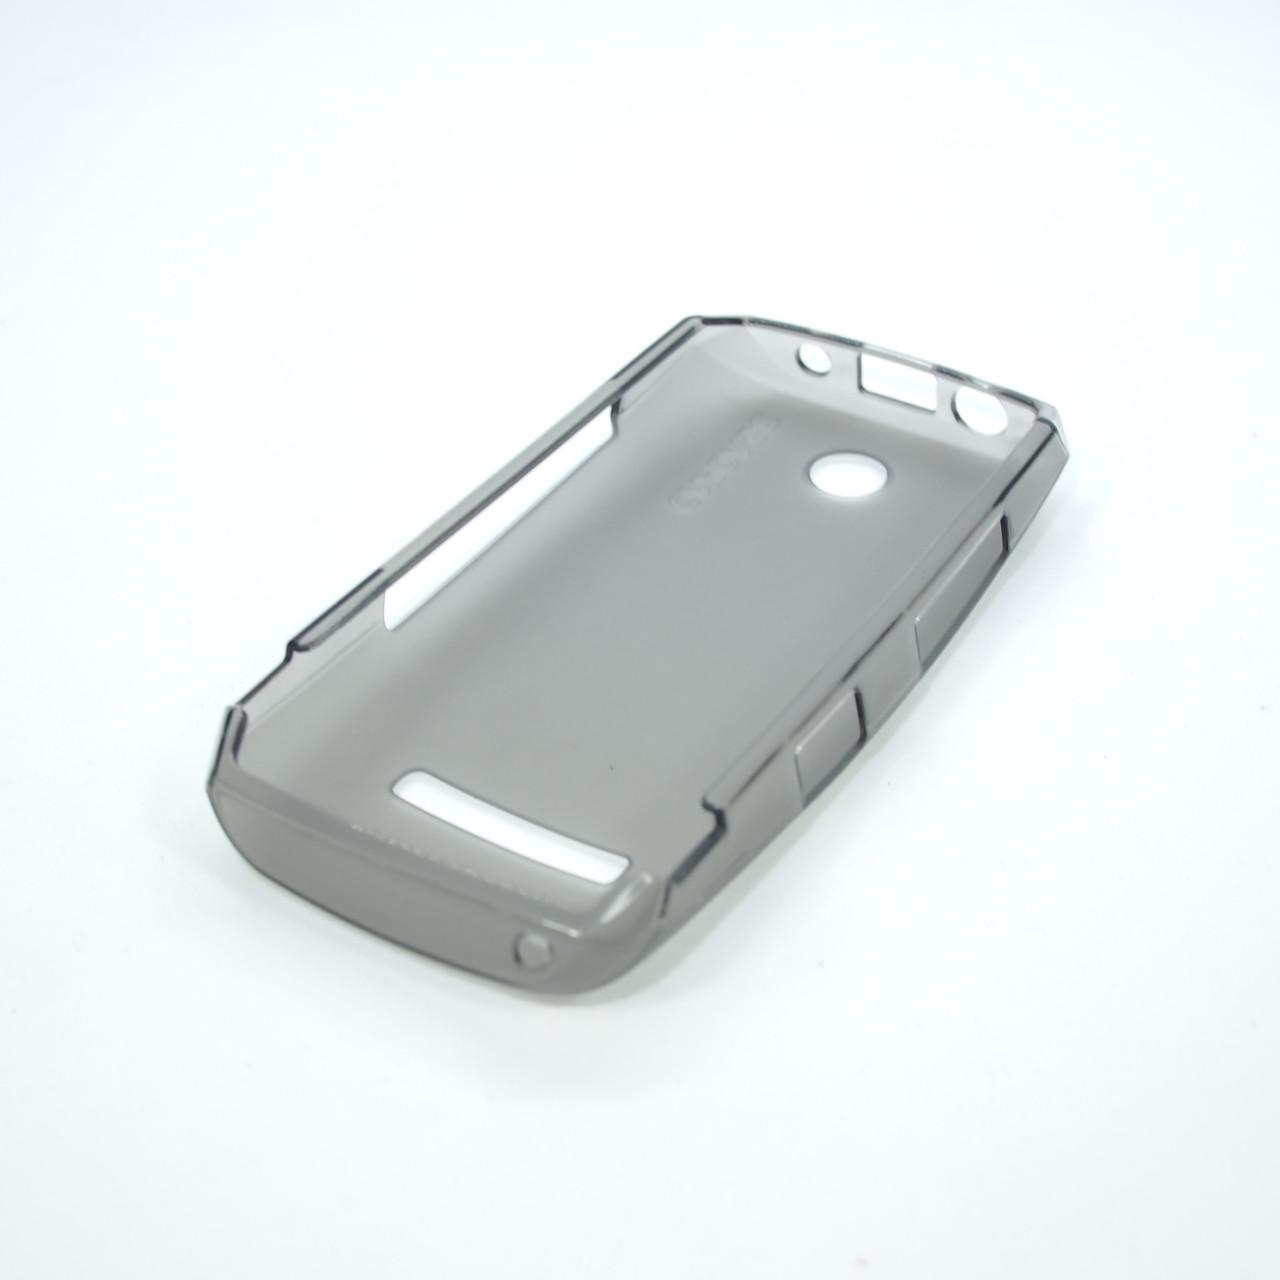 Capdase Soft Jacket Xpose Nokia Asha 305 306 Tinted black